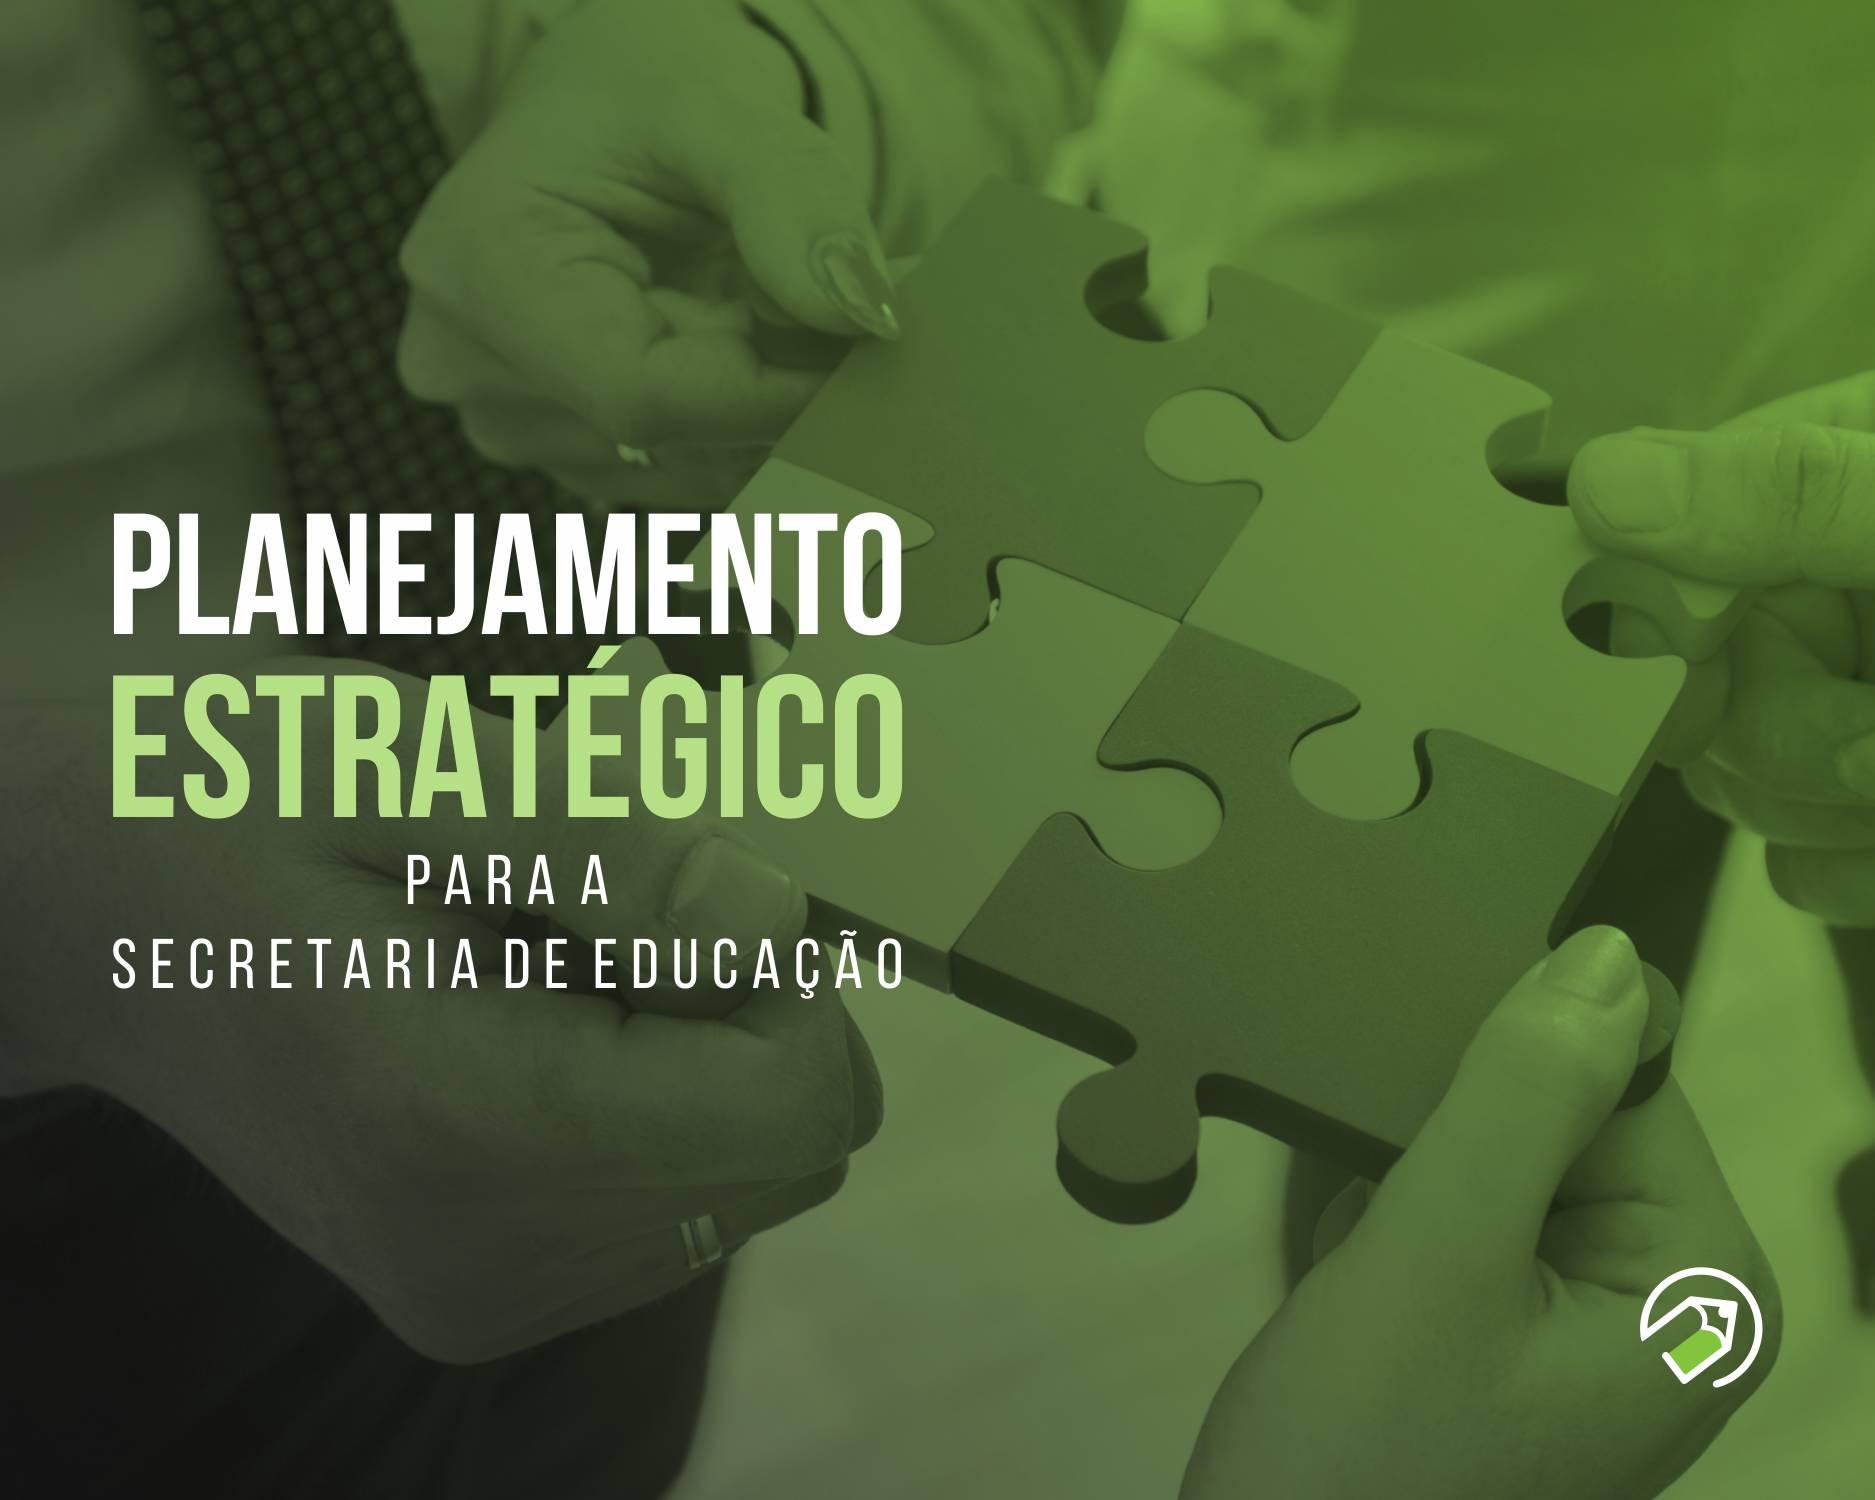 Planejamento estratégico para secretaria de educação